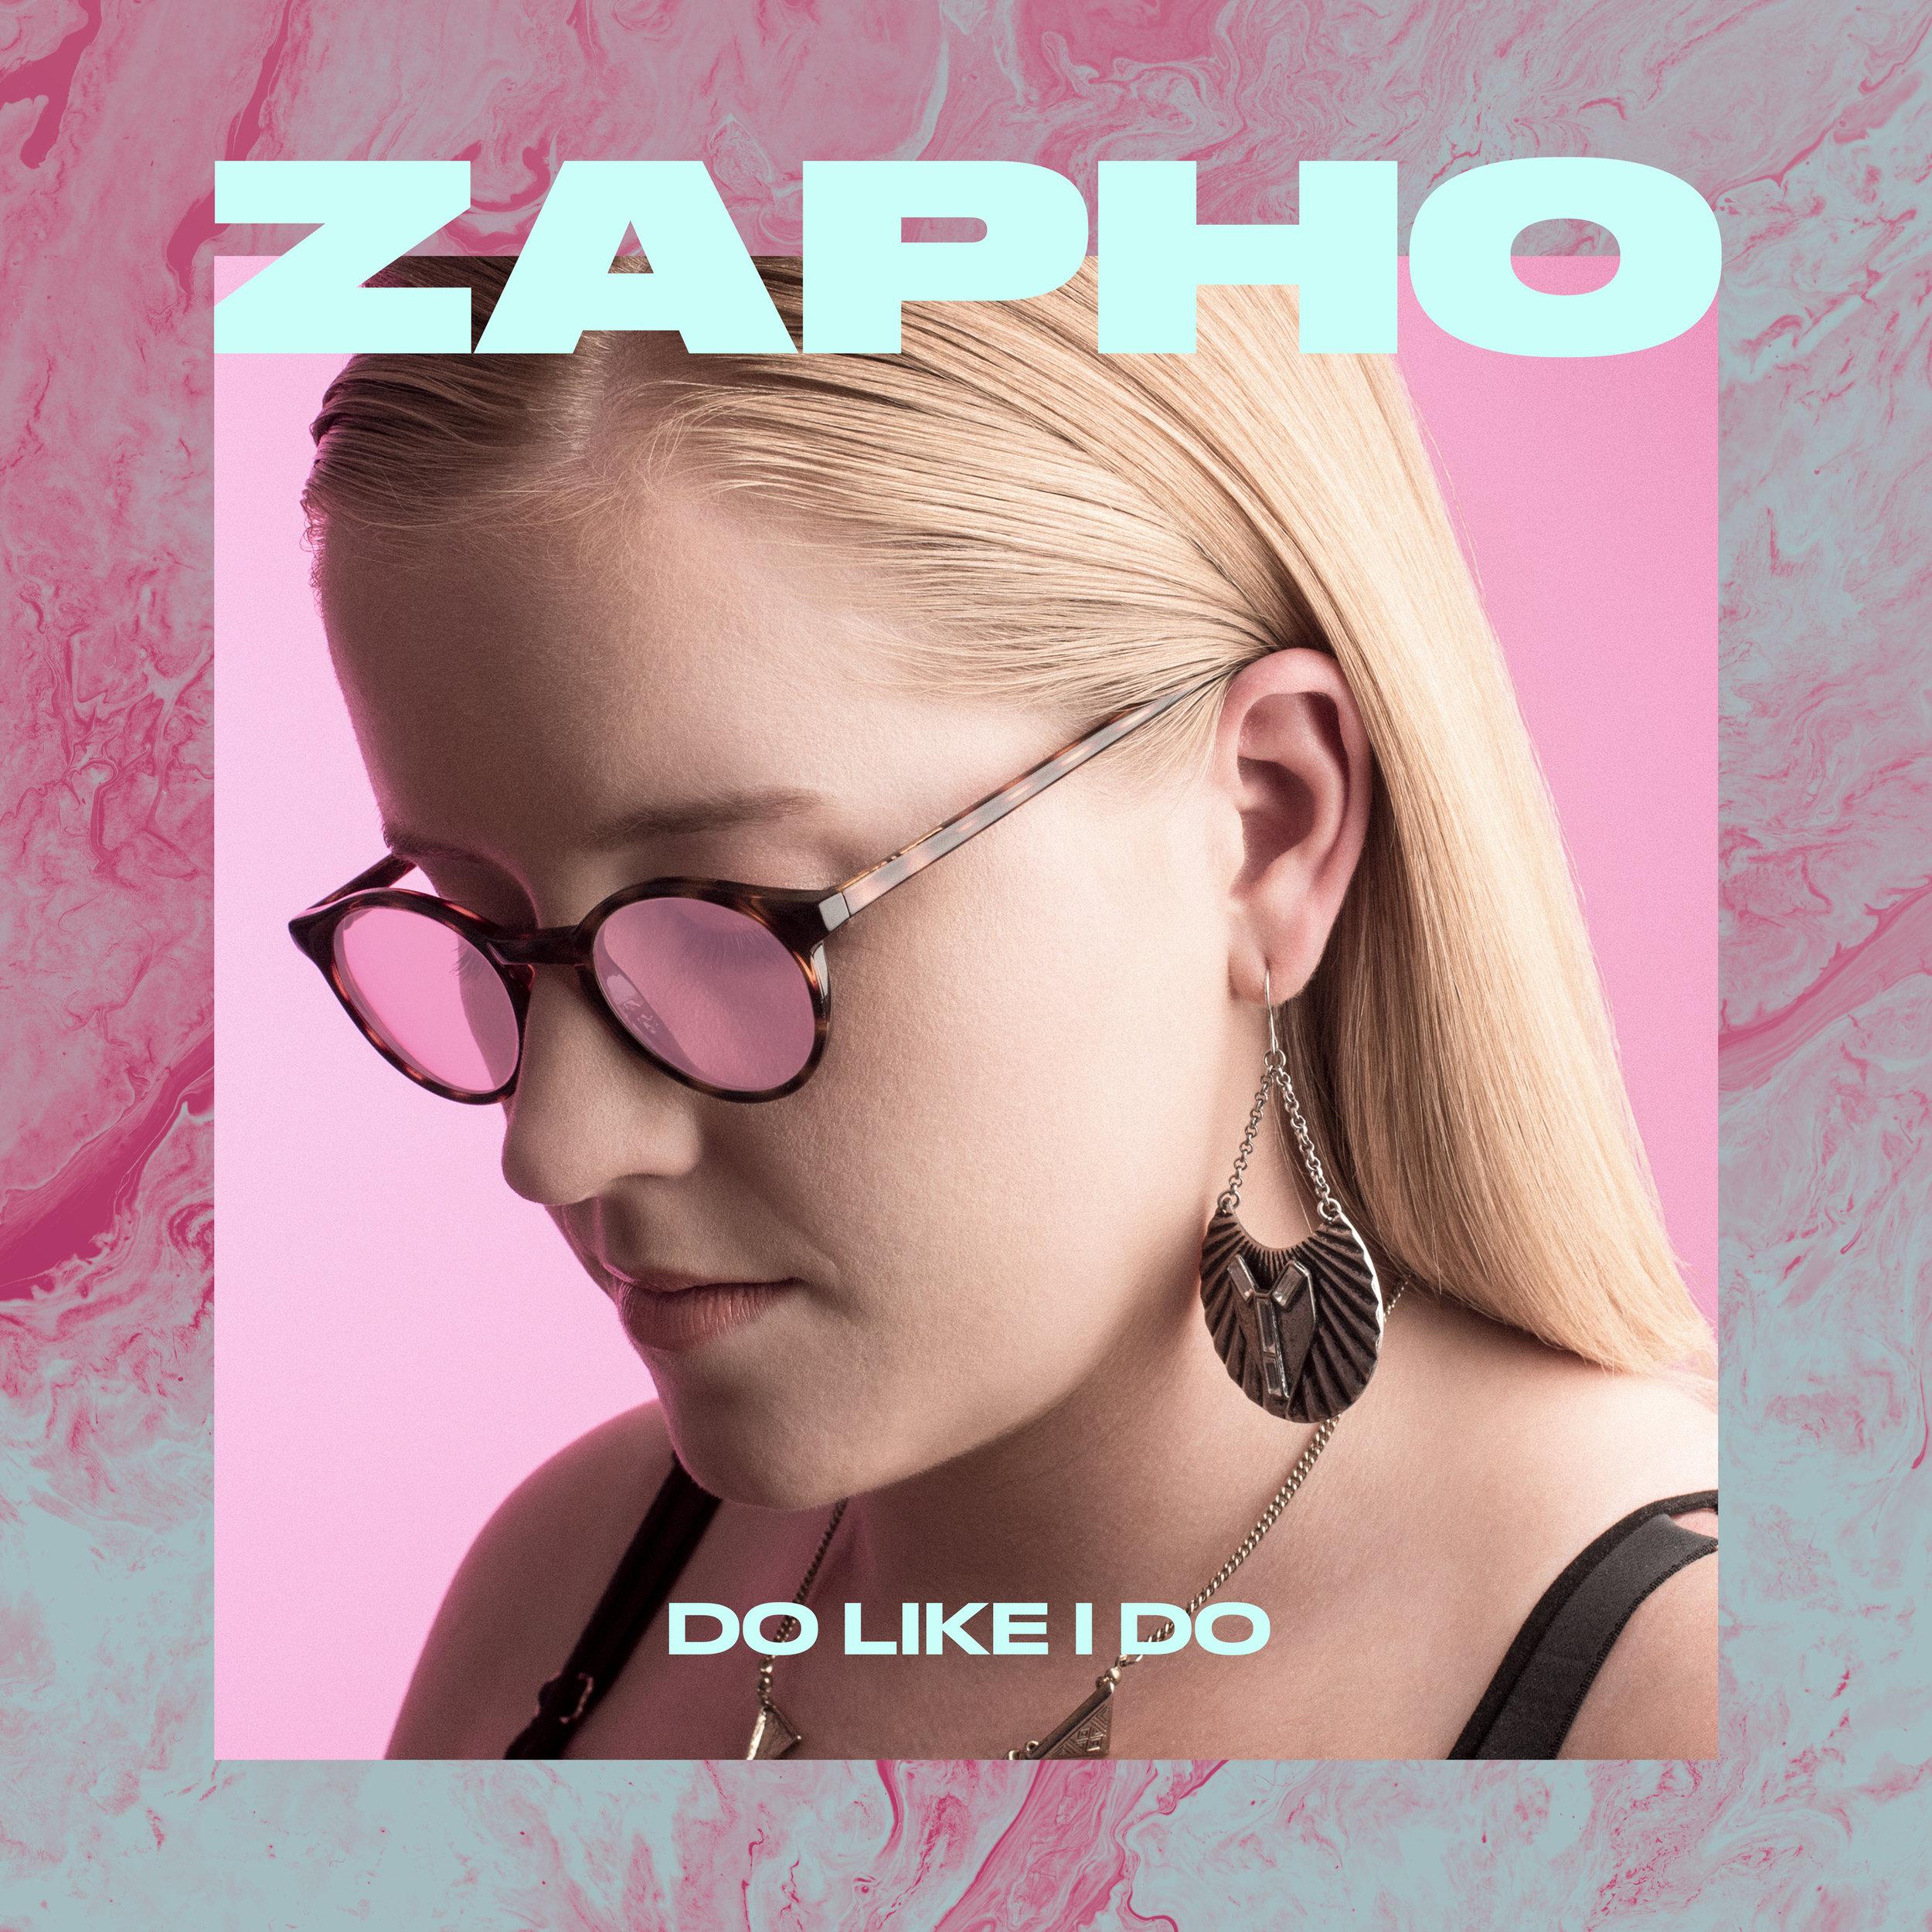 ZAPHO_do_like_I_do.jpg